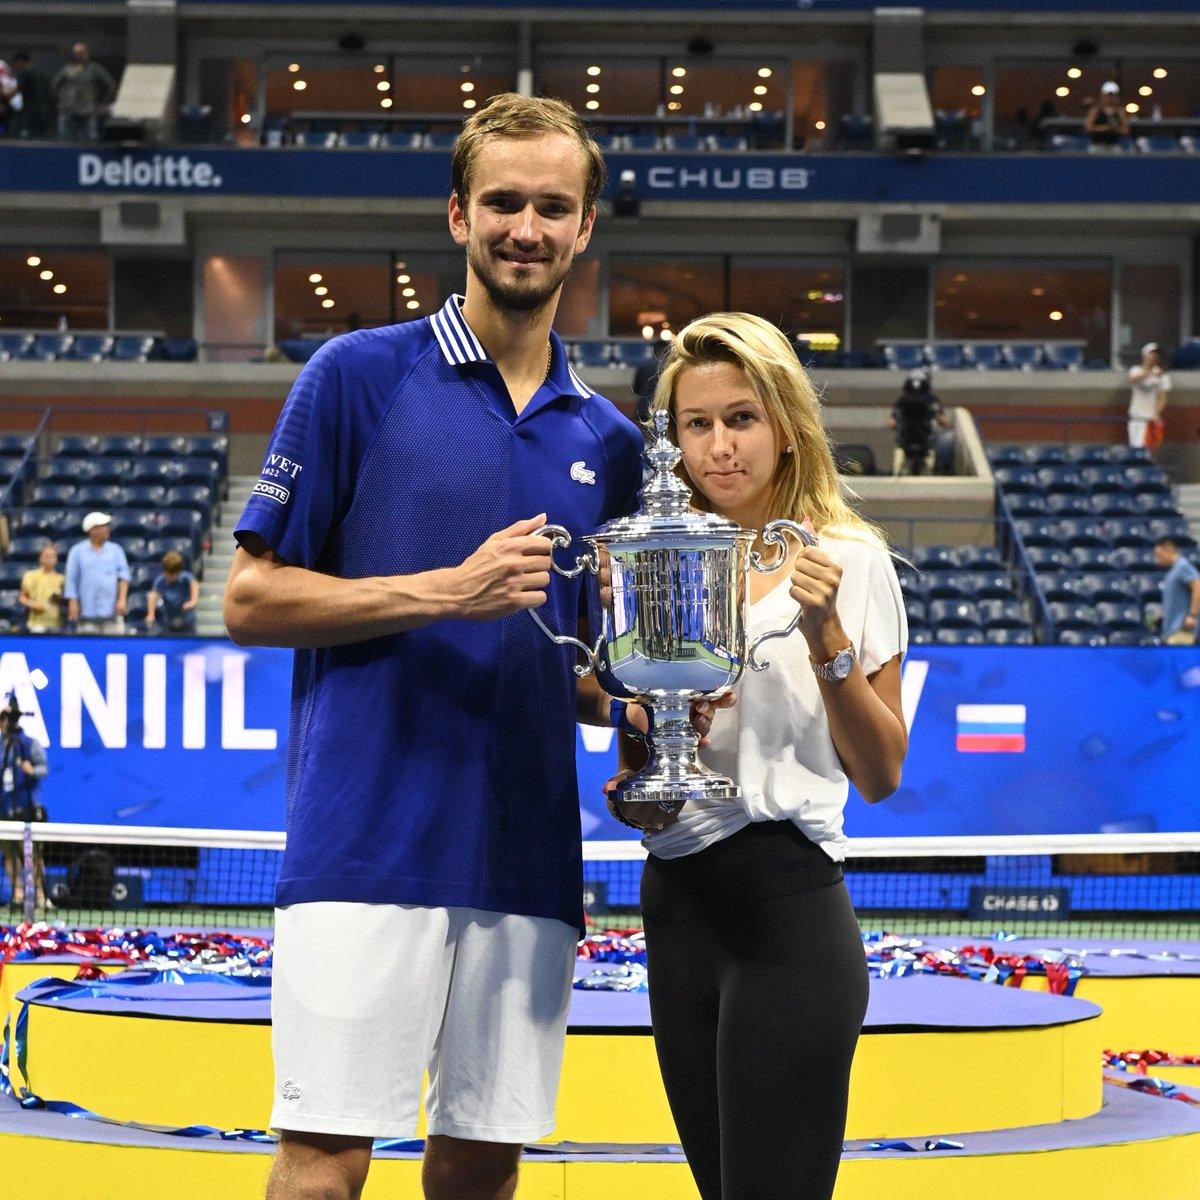 En güzel evlilik yıl dönümü hediyesi 🥰  Daniil Medvedev ve eşi Daria, 3. evlilik yıl dönümlerini #USOpen şampiyonluğu ile kutladı! 🏆